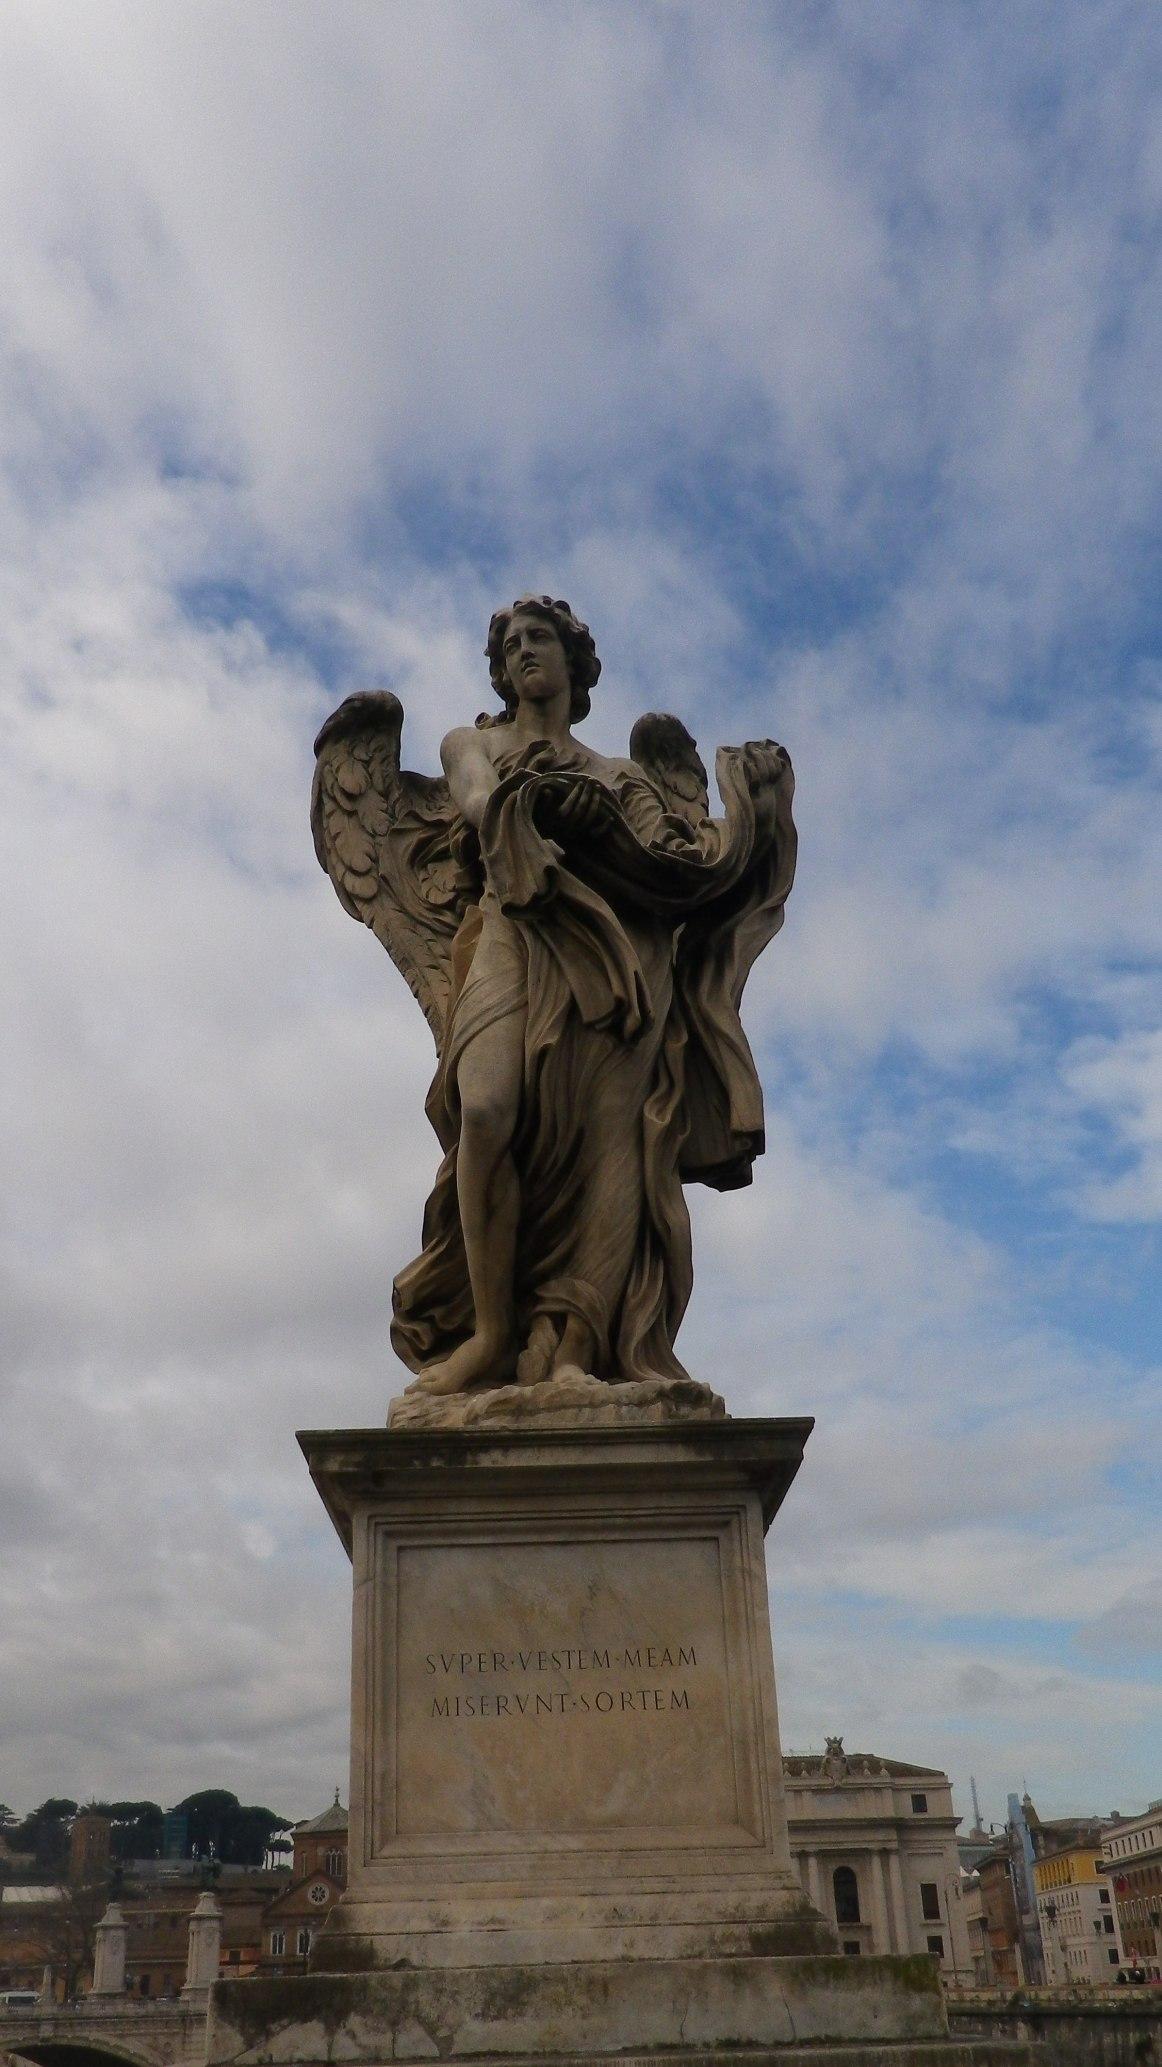 """Ángel con el sudario y los dados (Pablo Naldini, inscripción """"super vestimentum meum miserunt sortem"""")."""